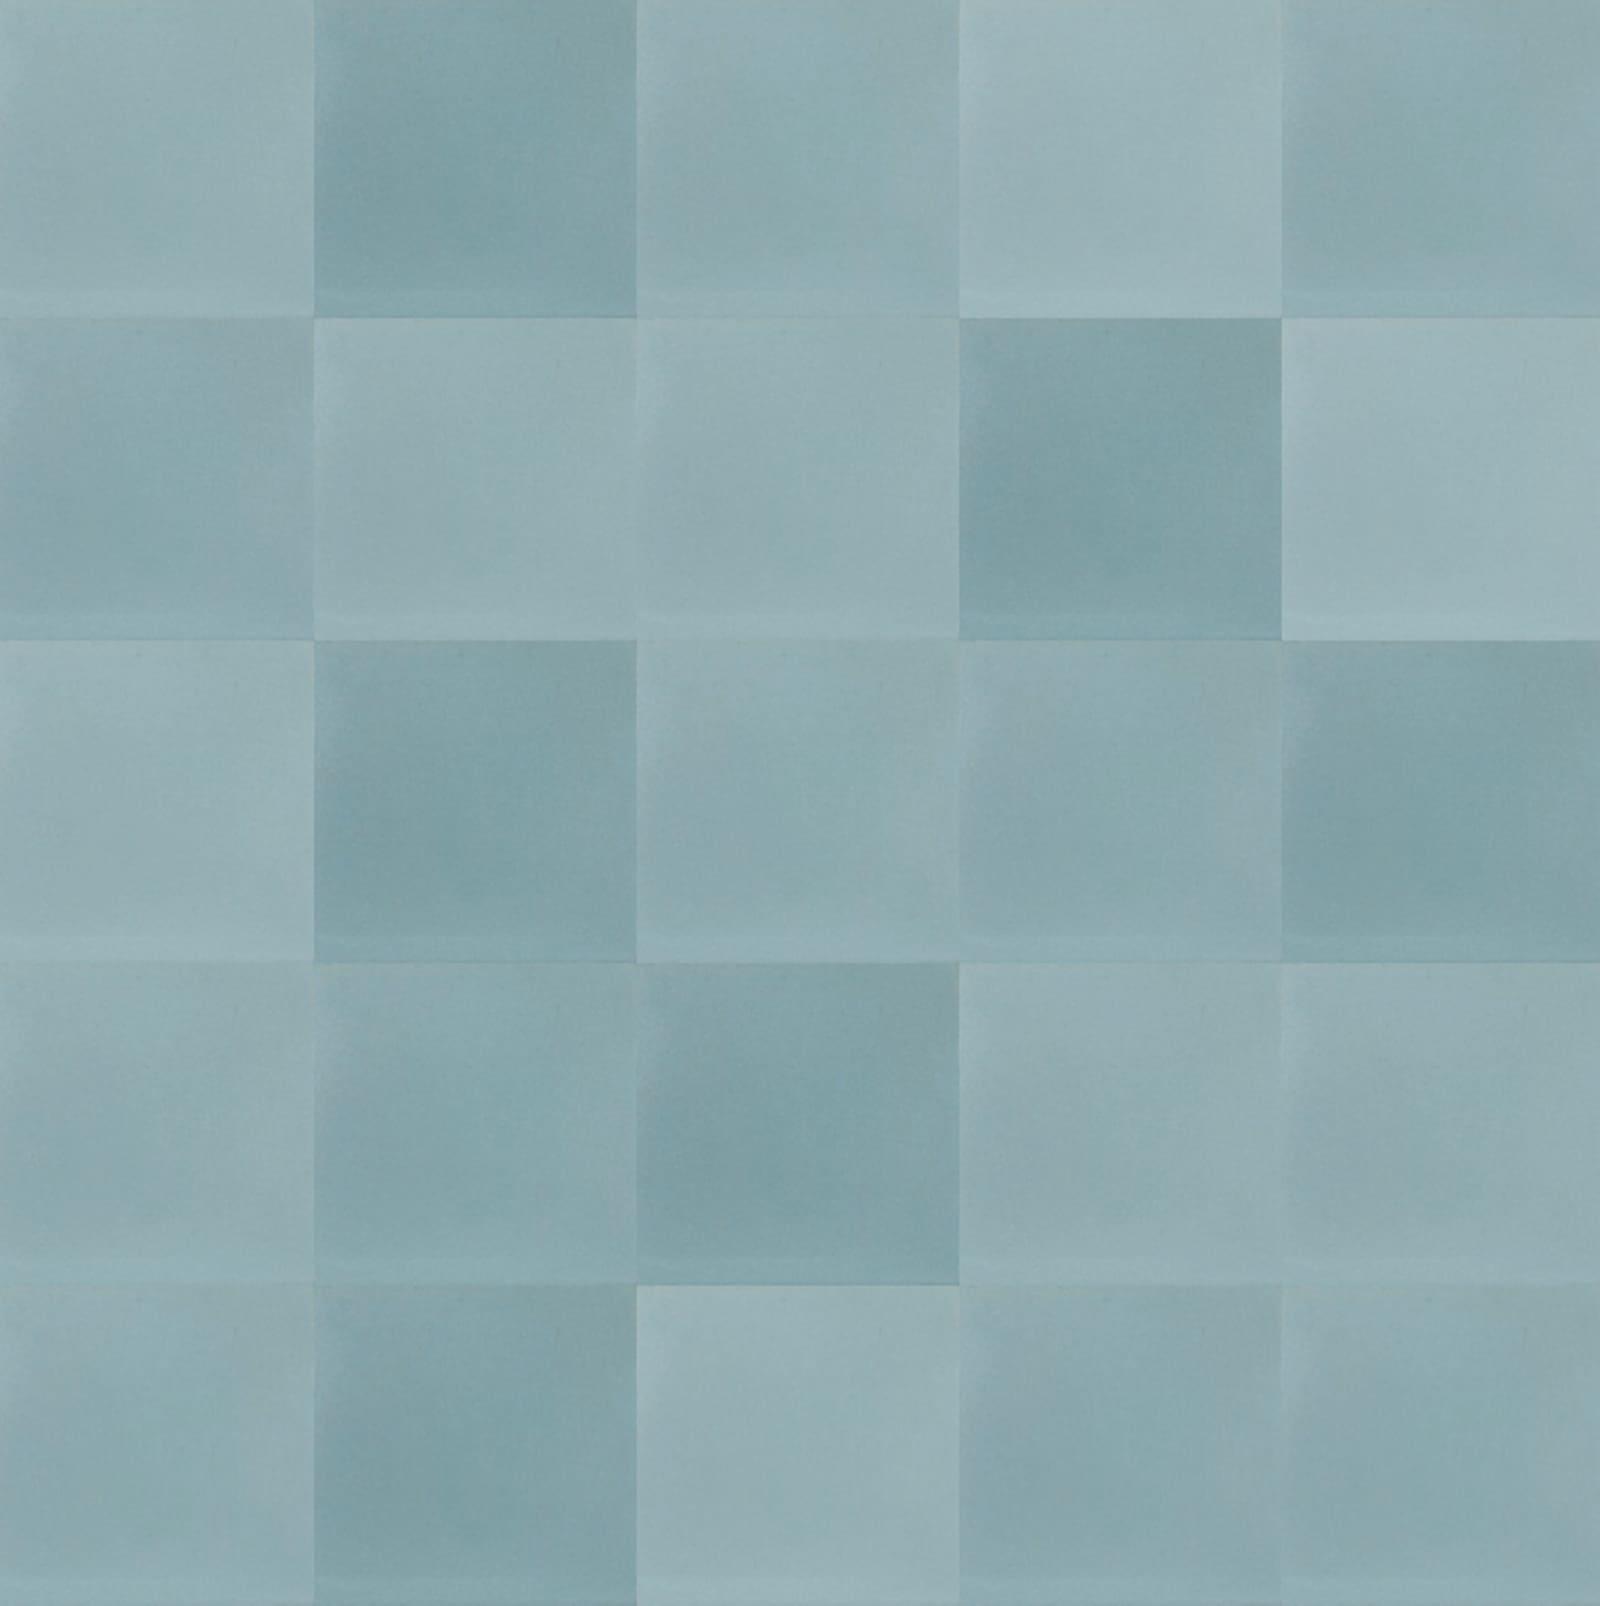 zementfliesen-terrazzofliesen-kreidefarbe-terrazzo-fugenlos-viaplatten-51-verlegemuster | 51